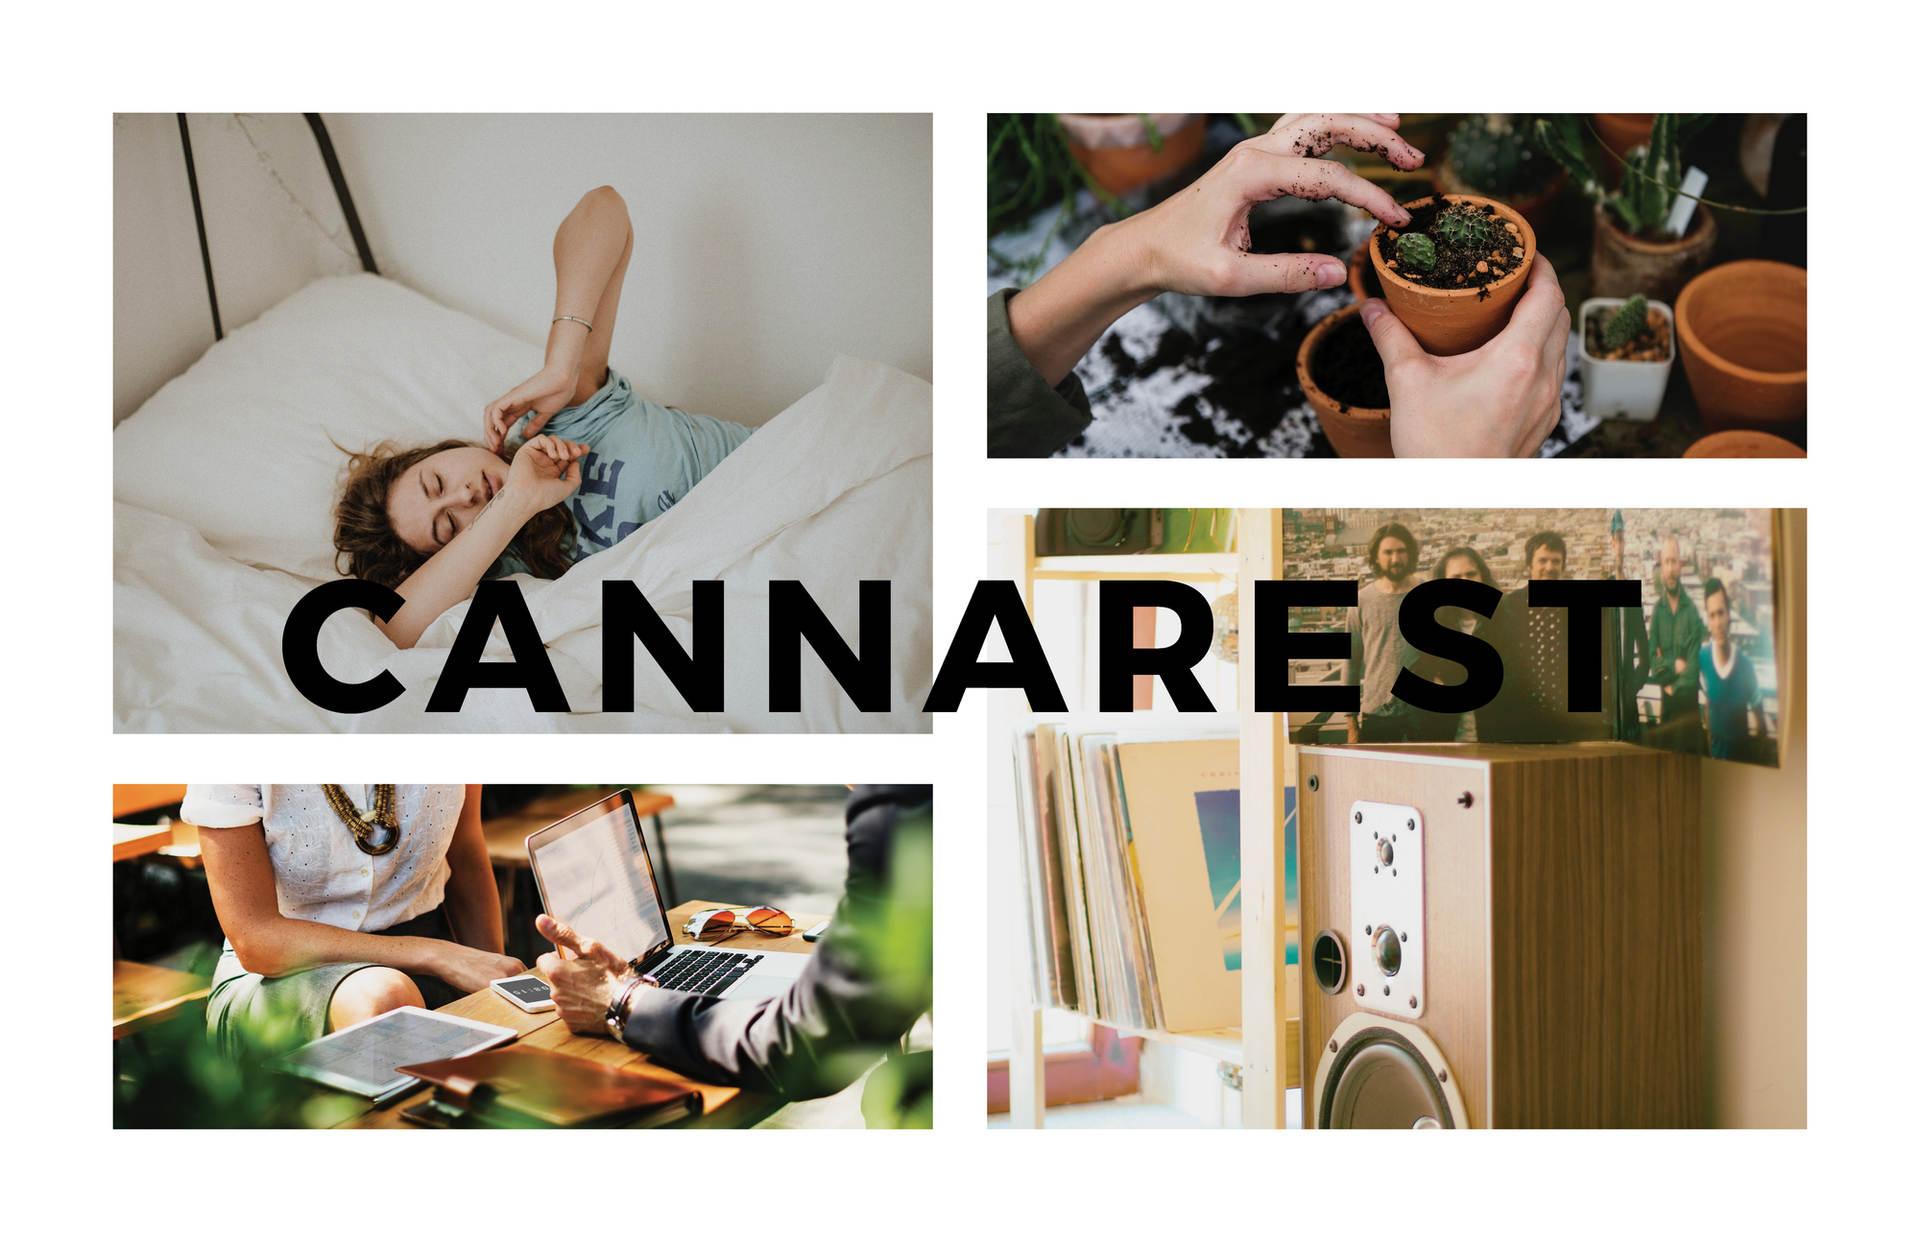 Cannarest - Matt Marchand-42.jpg